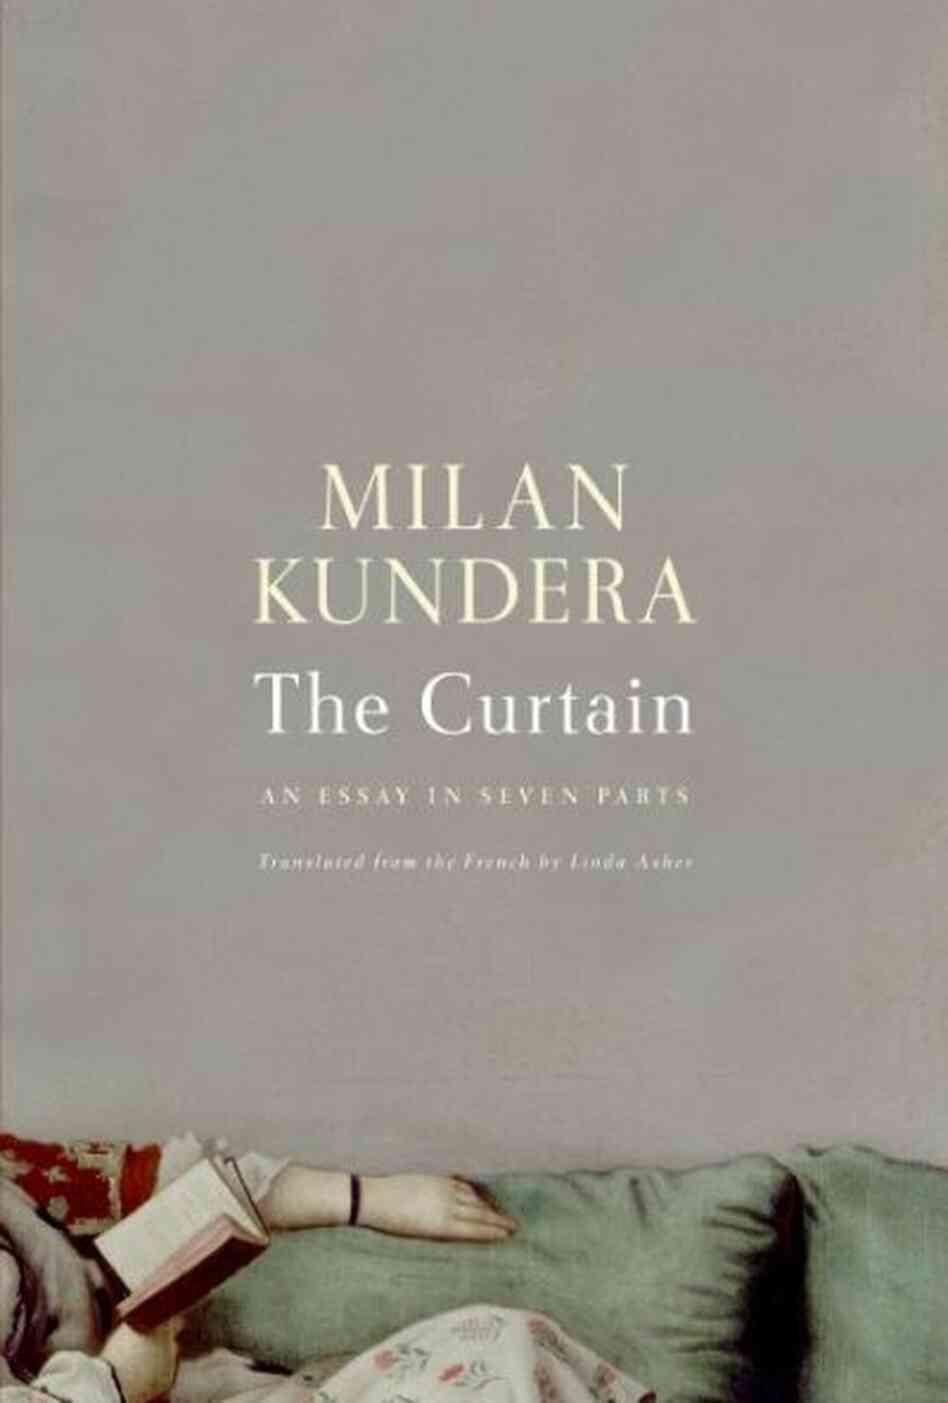 The craft of kundera essay